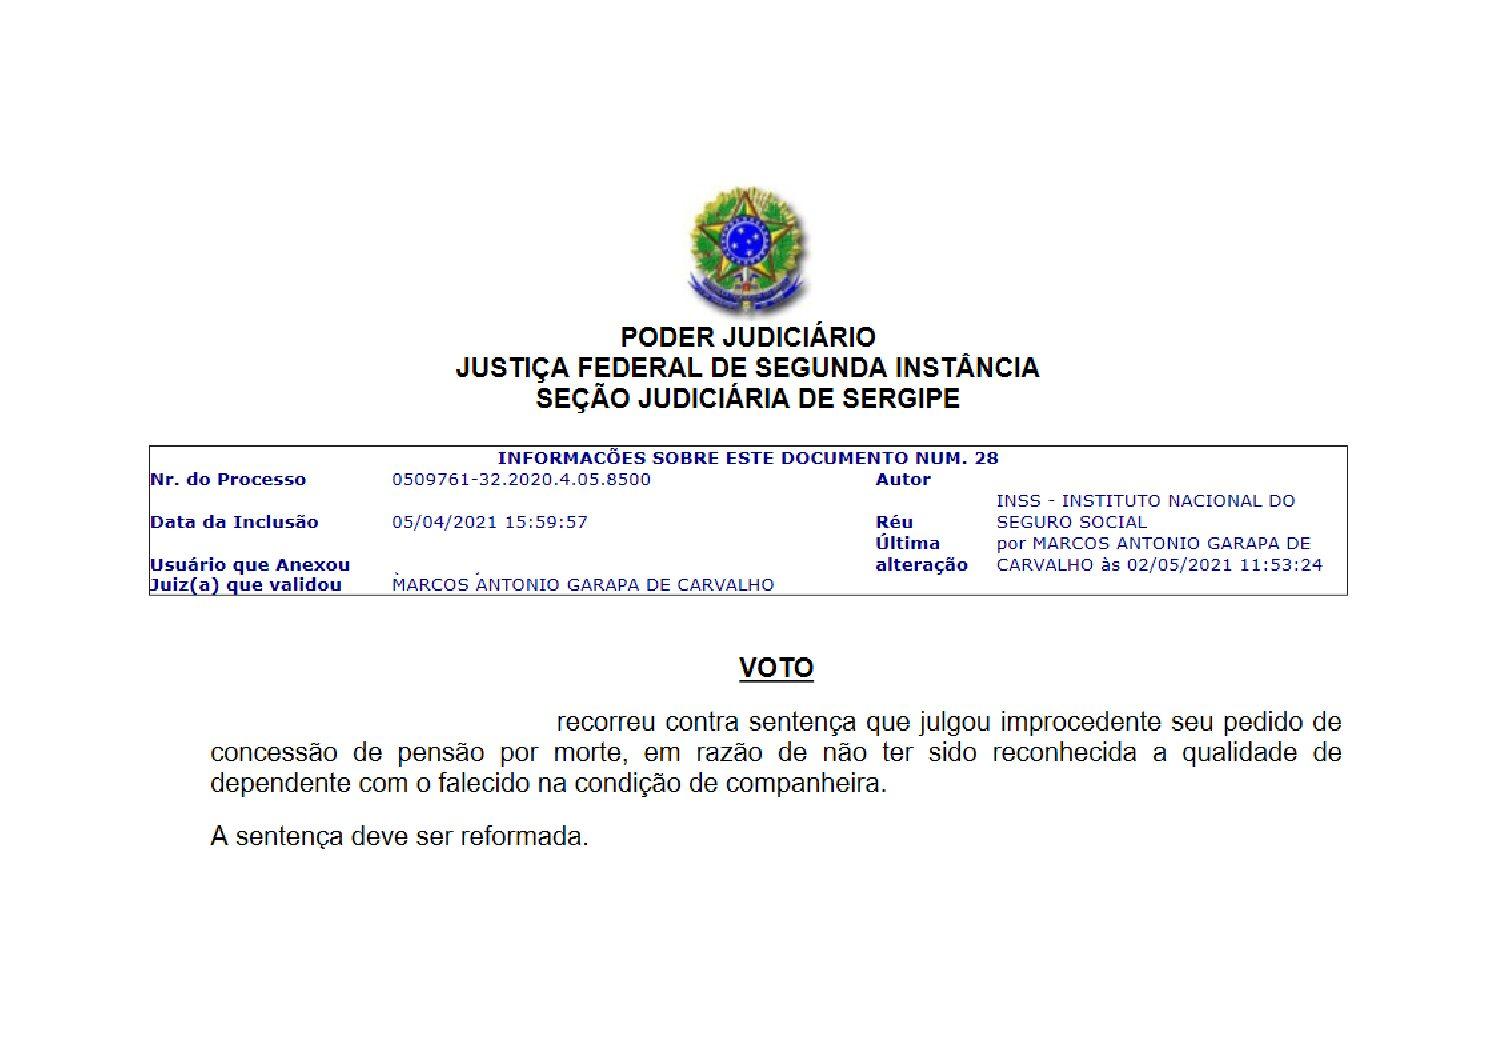 Turma Recursal da JFSE declara inconstitucionalidade da EC n.º 103/2019 em pensão por morte